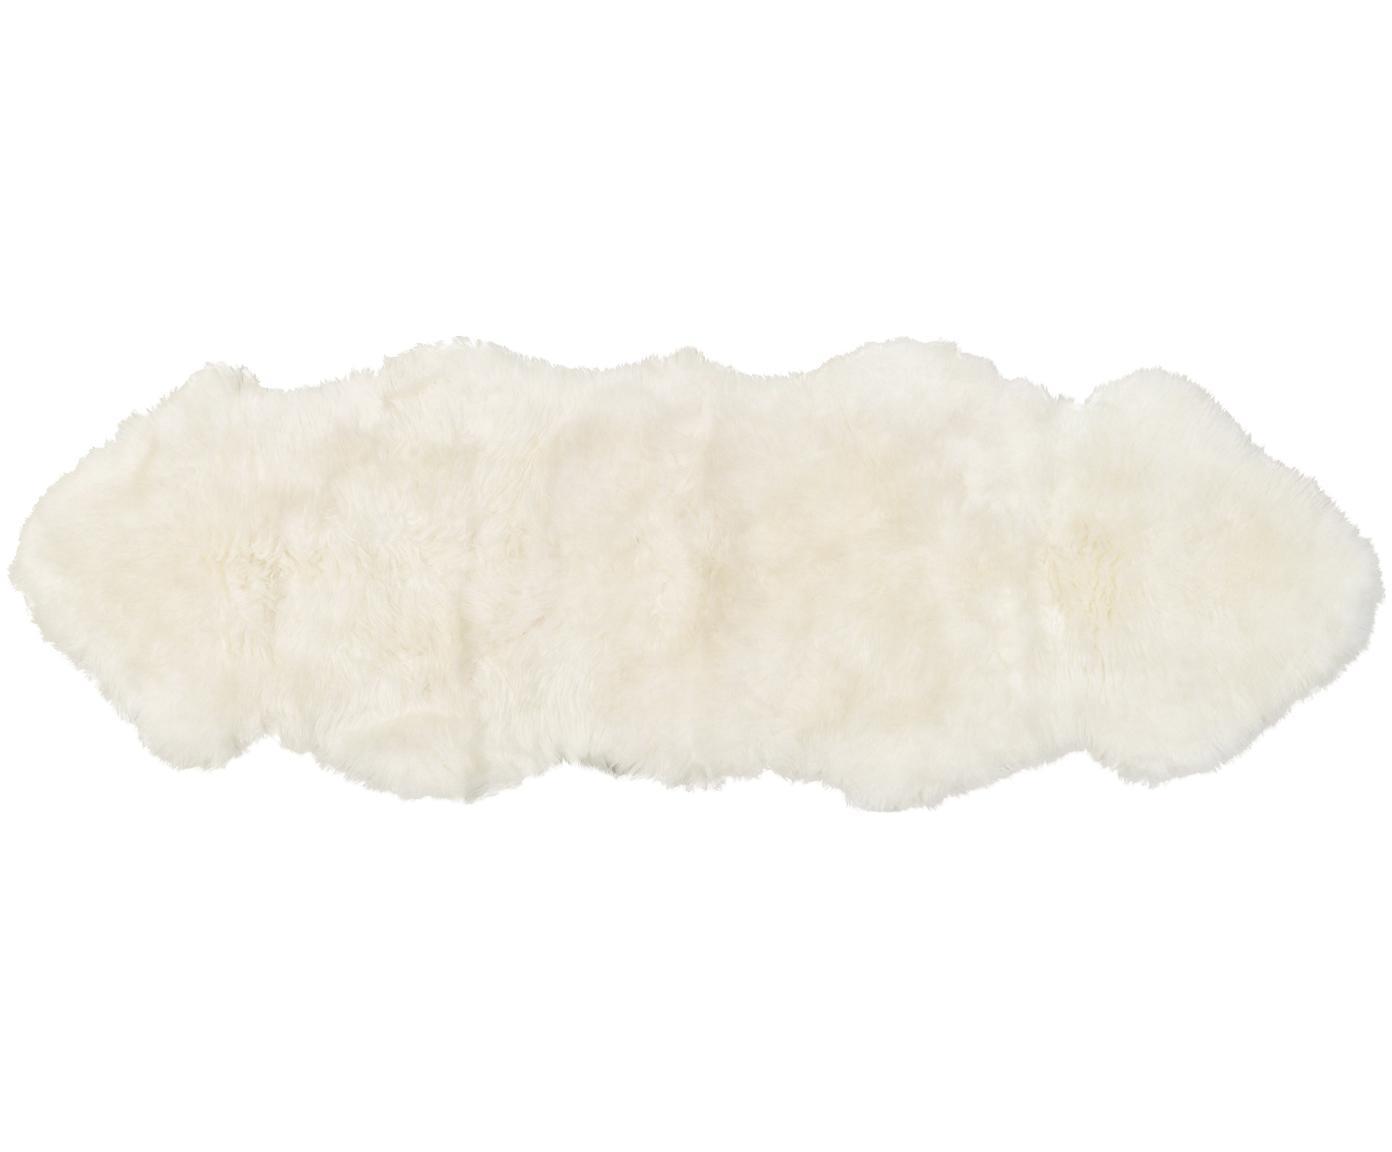 Vloerkleed van schapenvacht Oslo, glad, Bovenzijde: 100% schapenvacht, Onderzijde: 100% leer, chroomvrij gel, Crèmewit, 60 x 180 cm